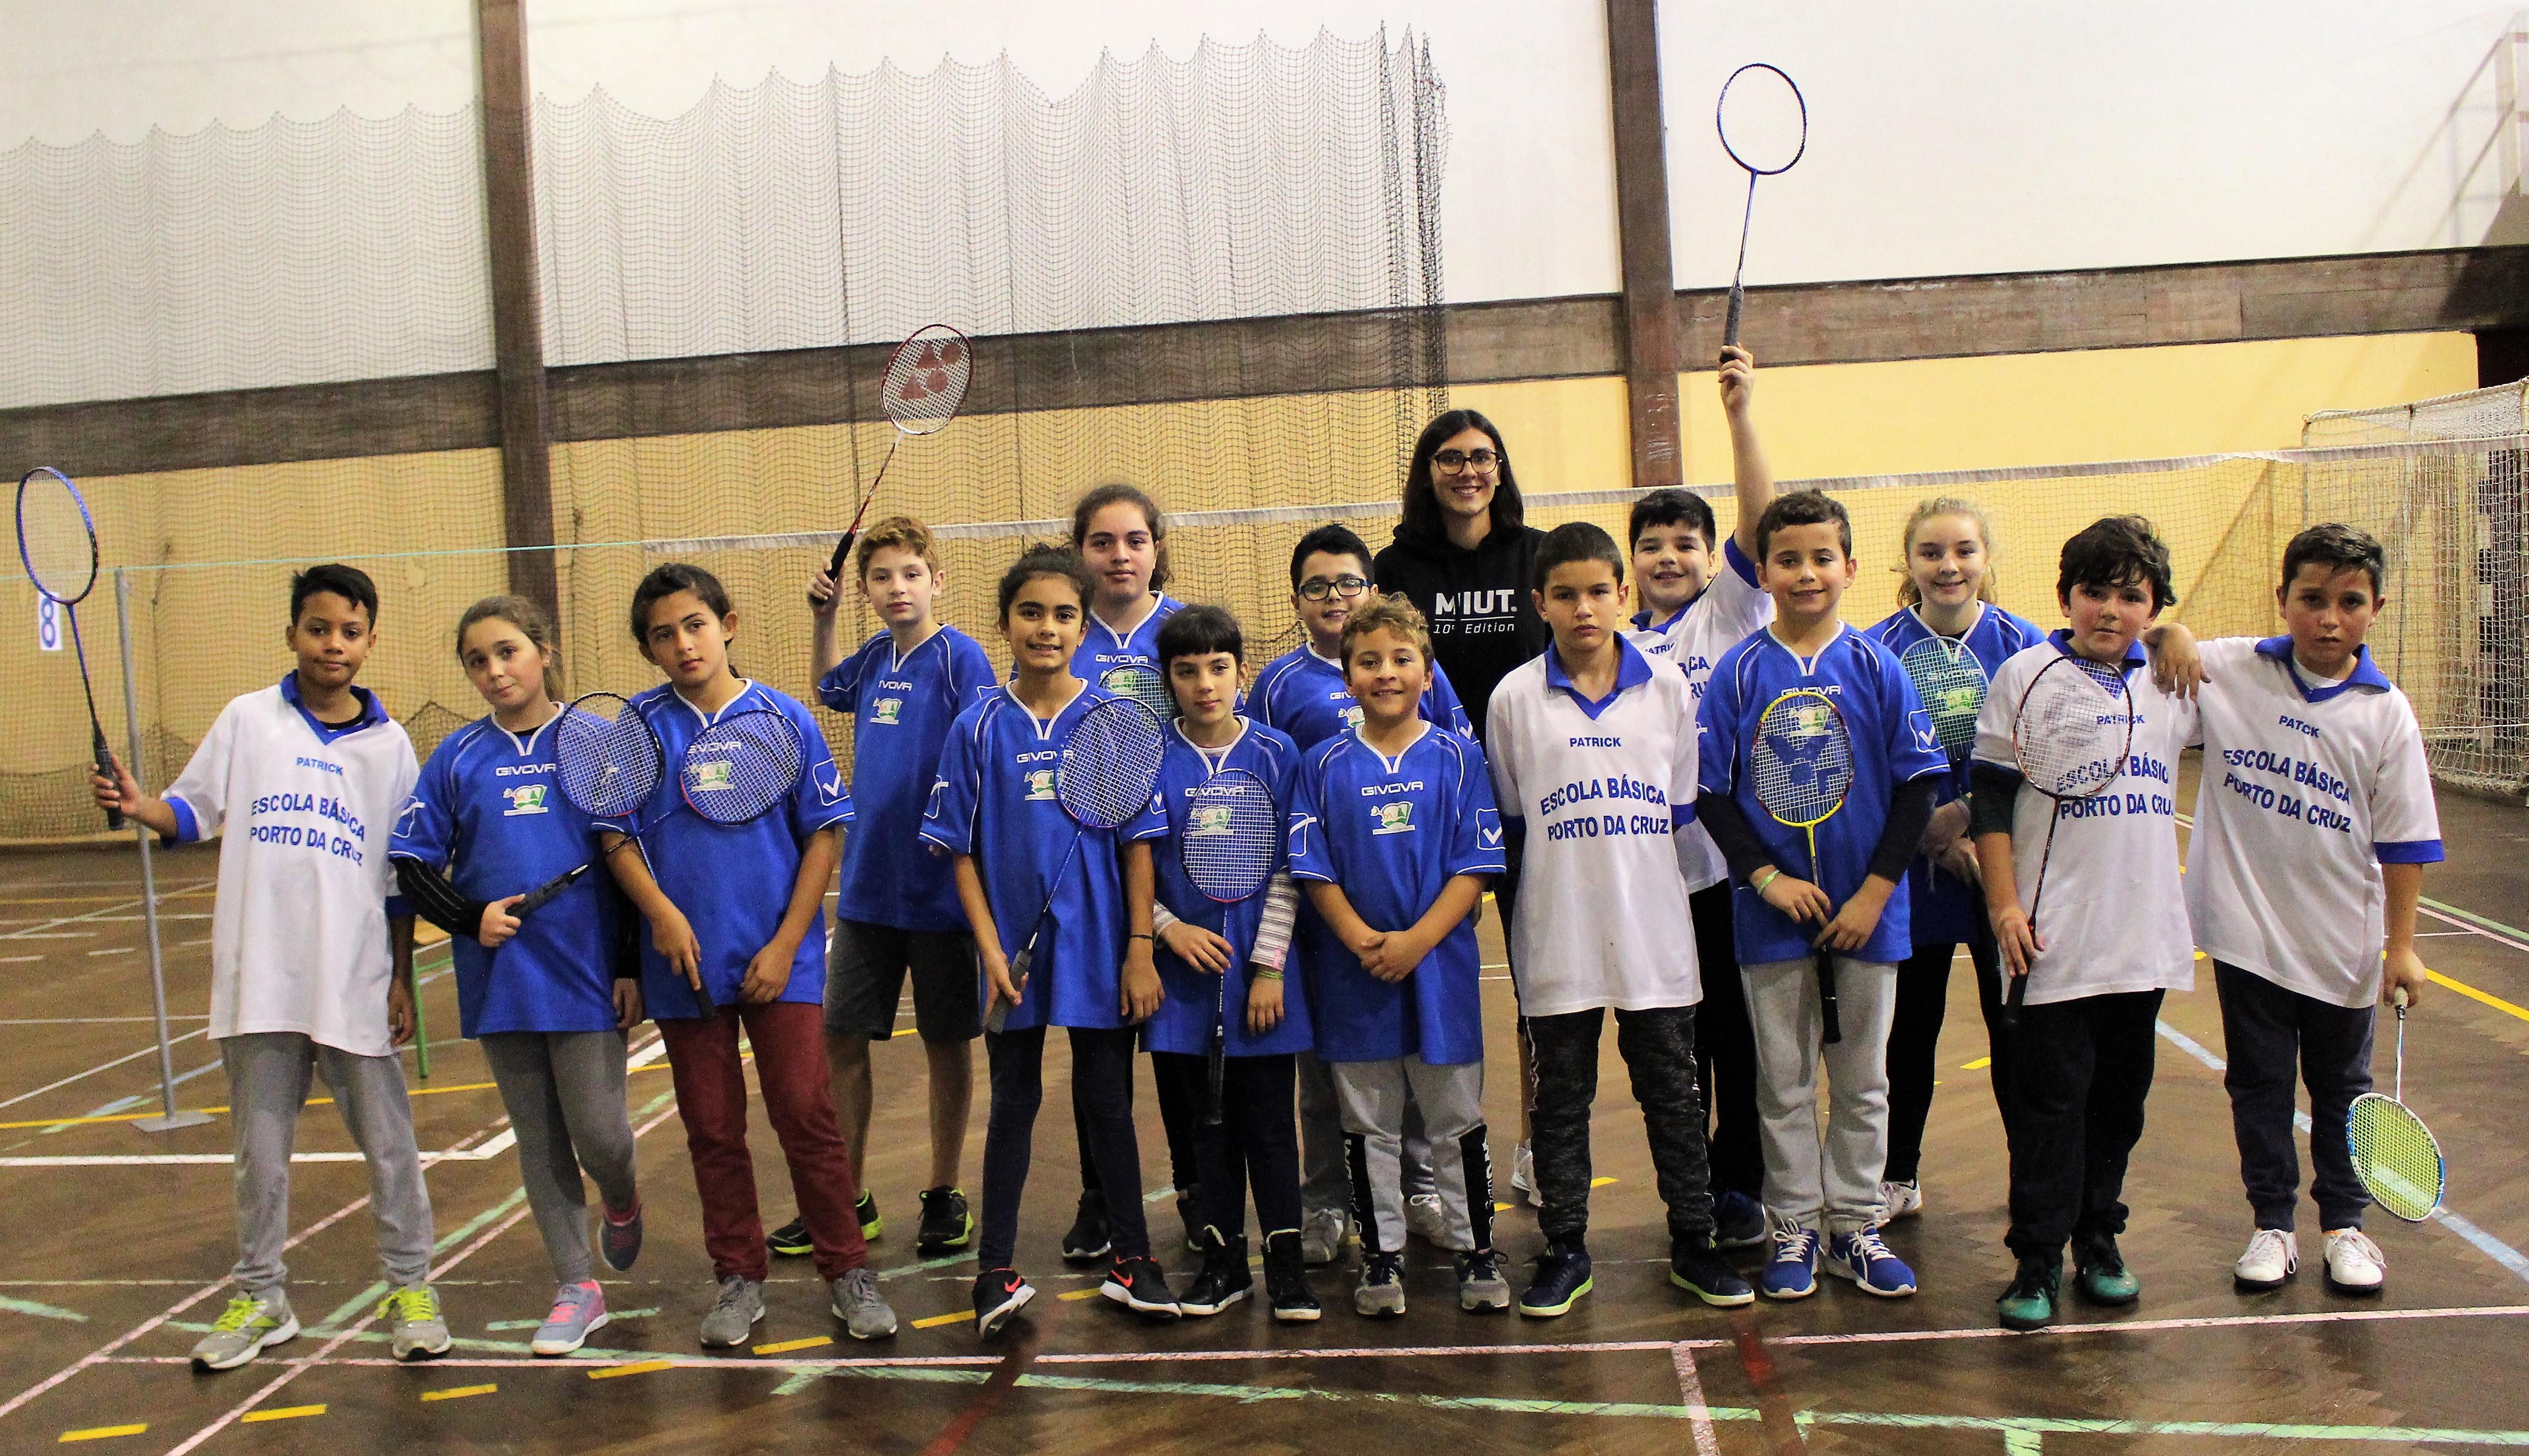 2ª Concentração de badminton | zona Este /Oeste /Funchal | Infantis/Juniores